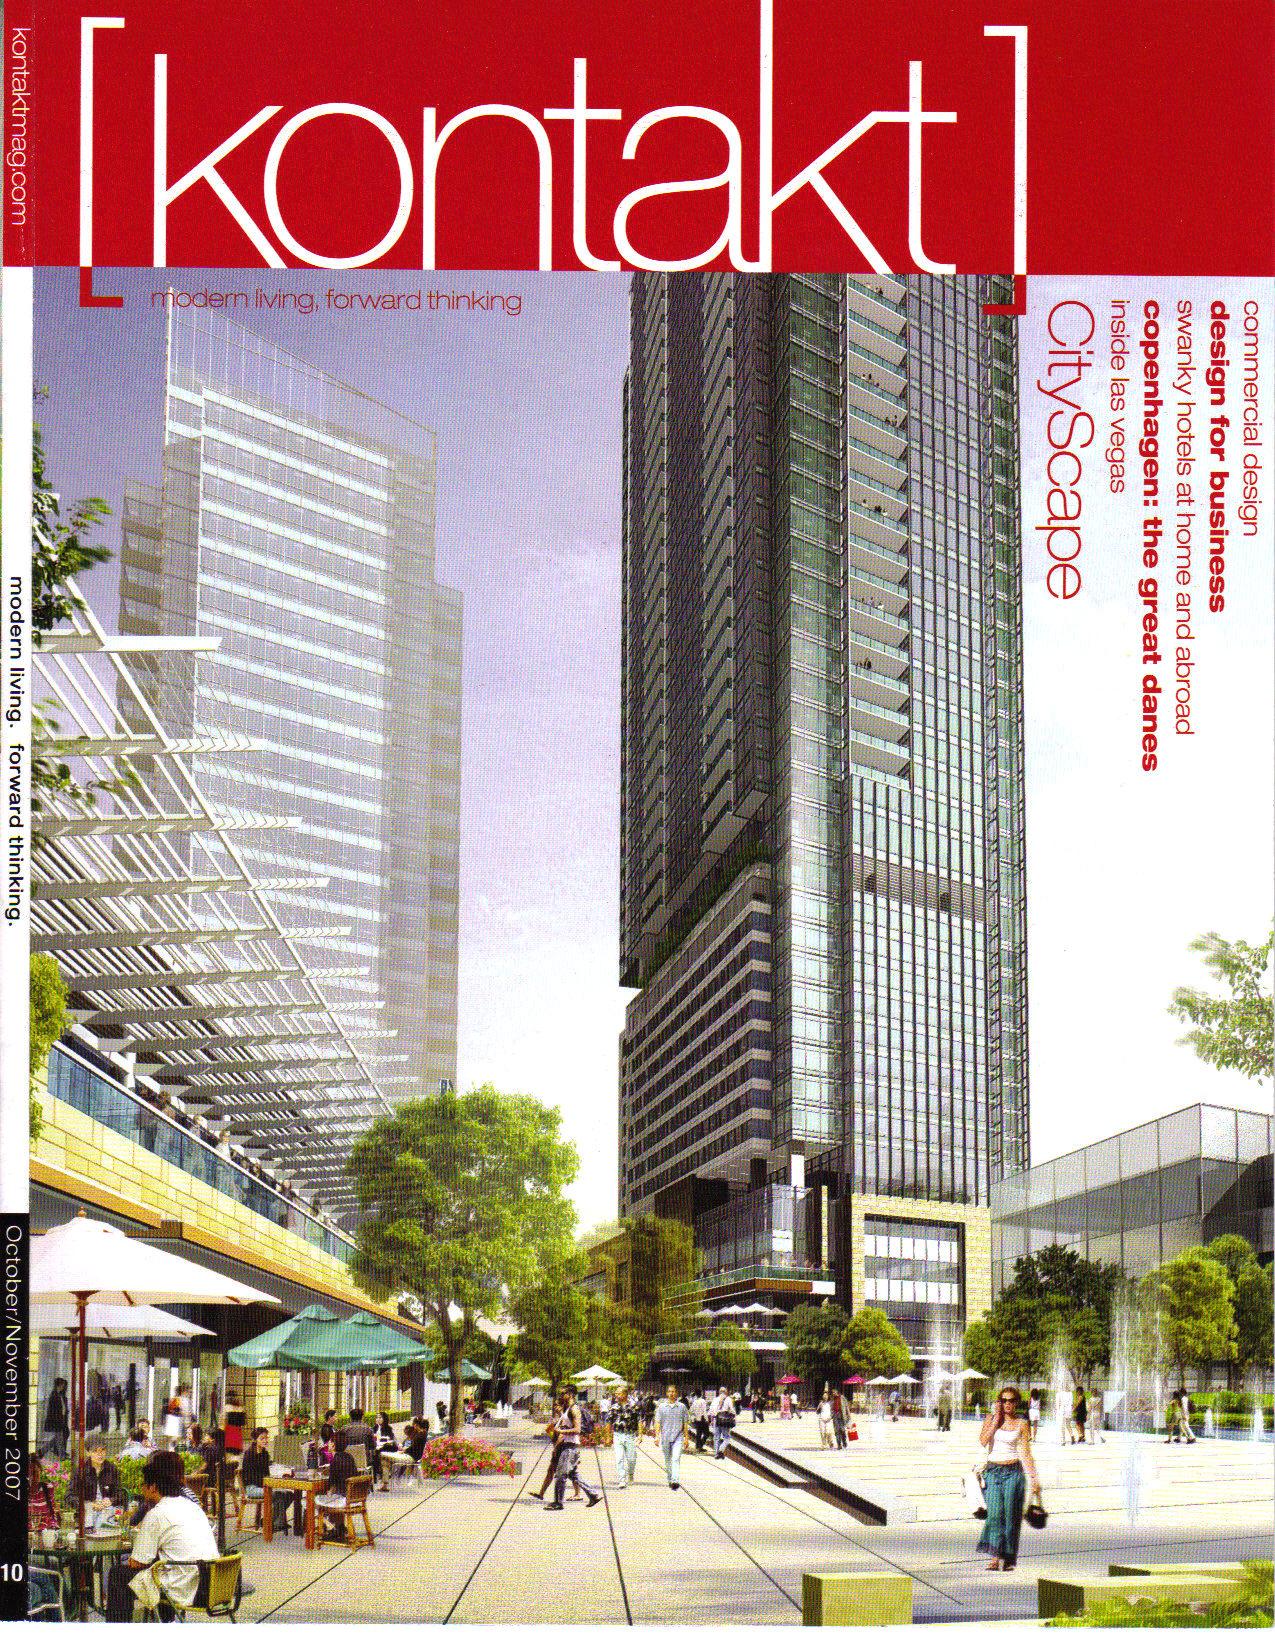 October-November 2007-Kontakt (Cover).jpg